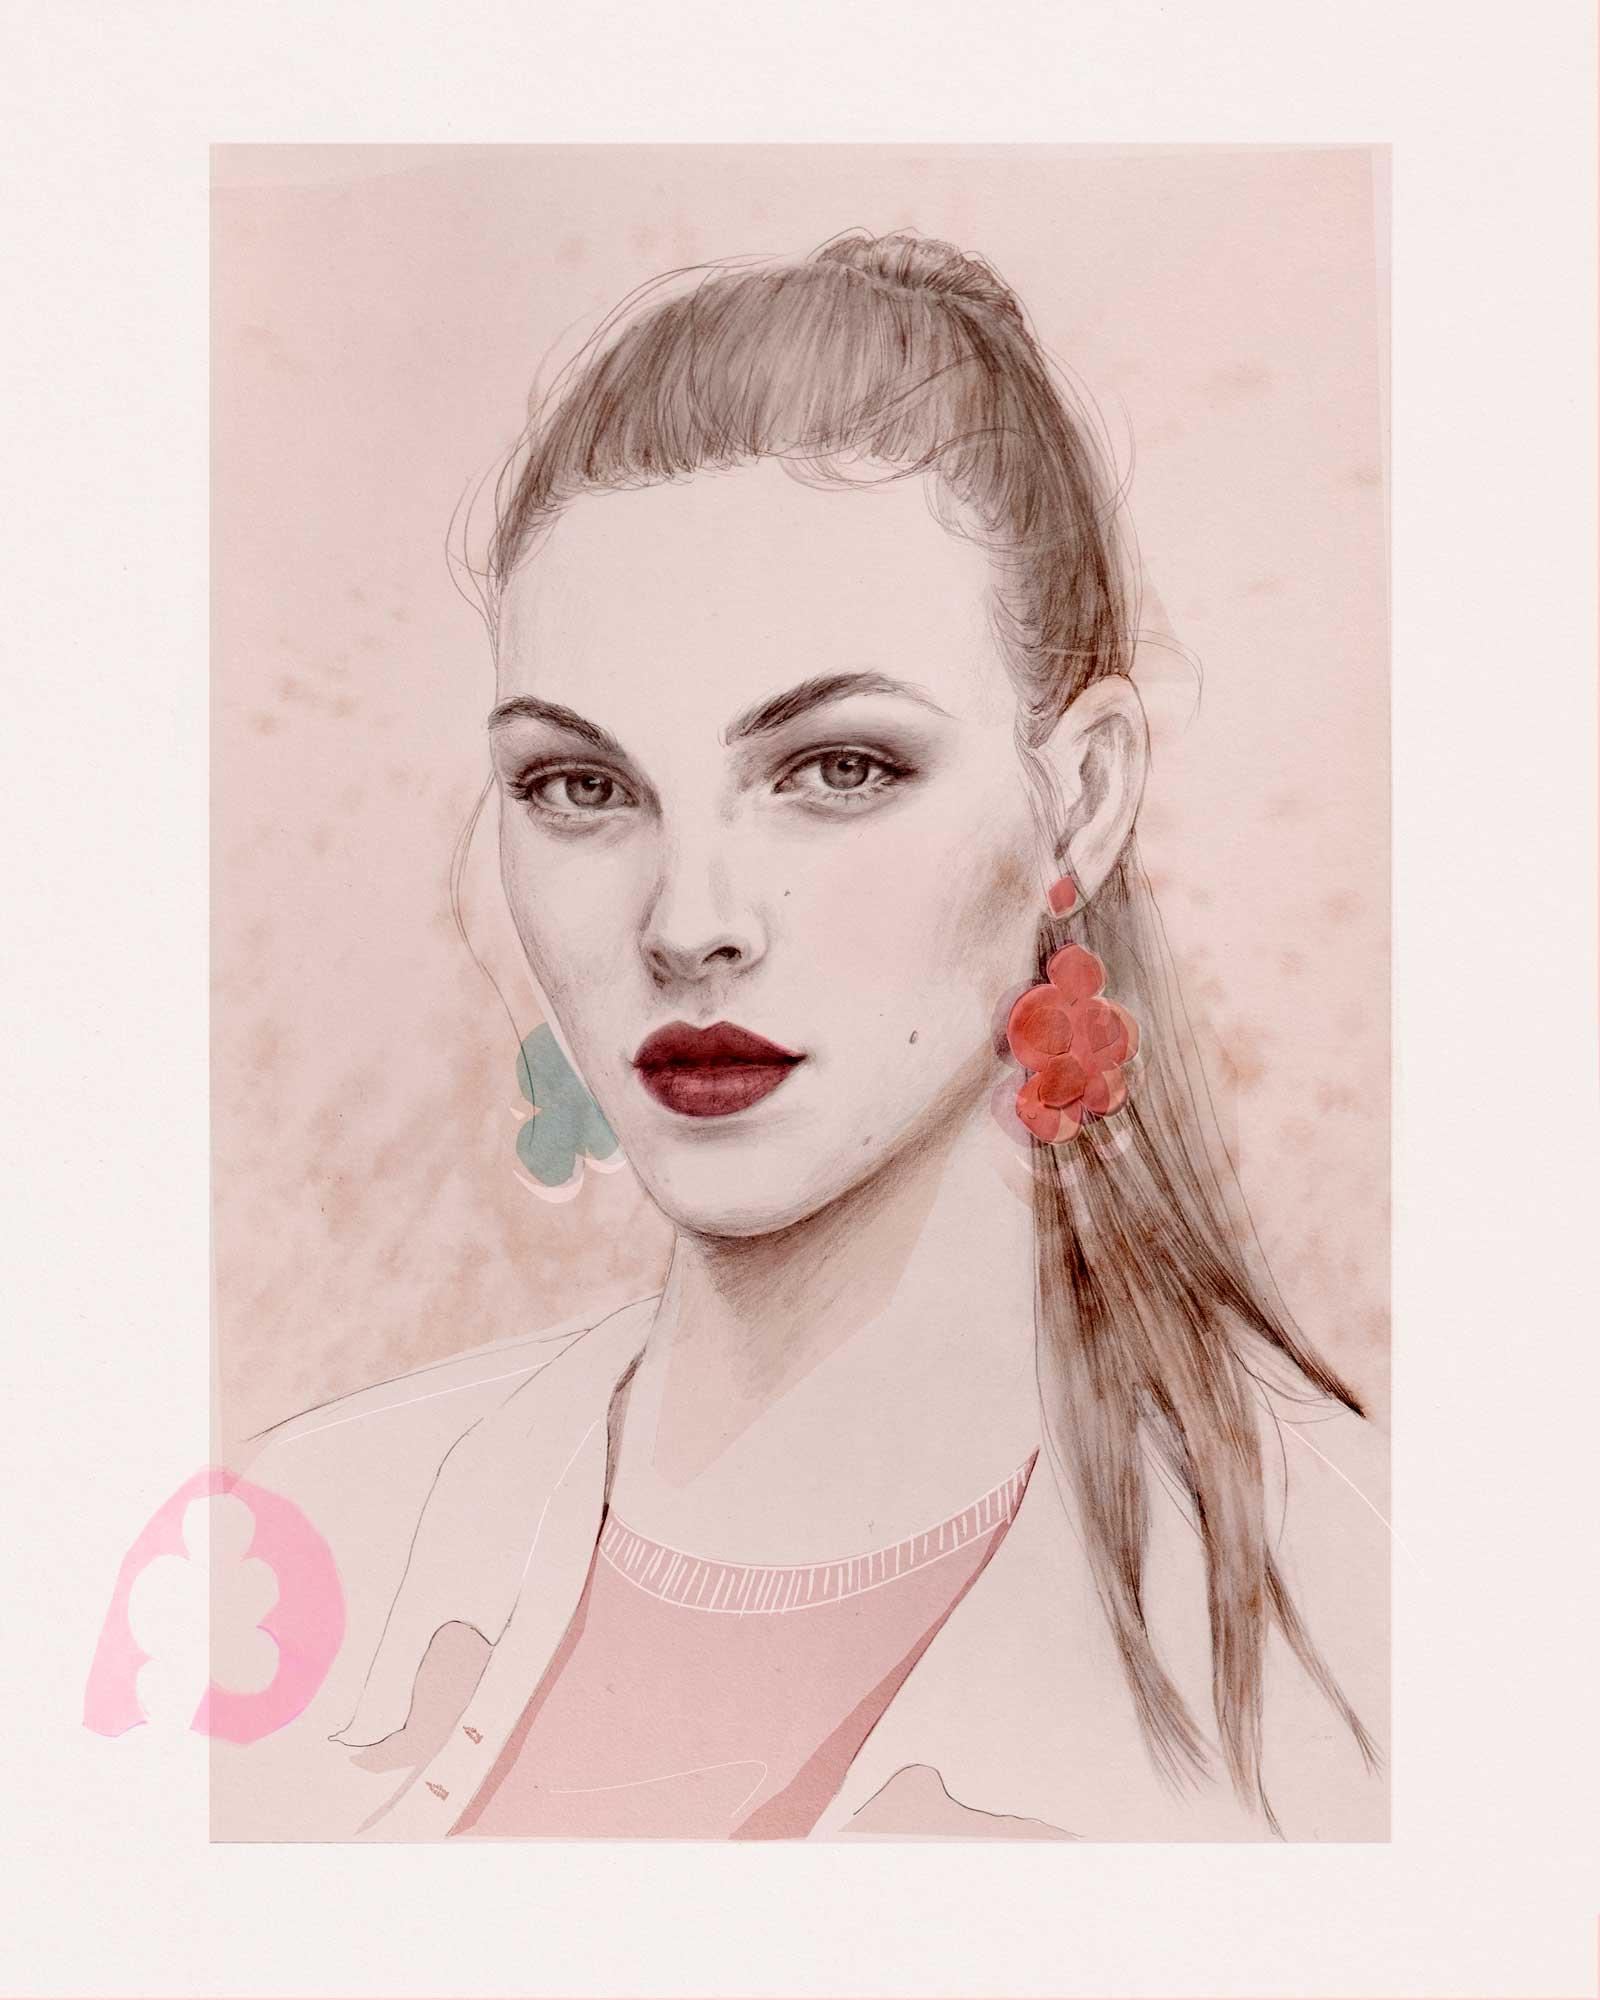 Mixed media – pinks